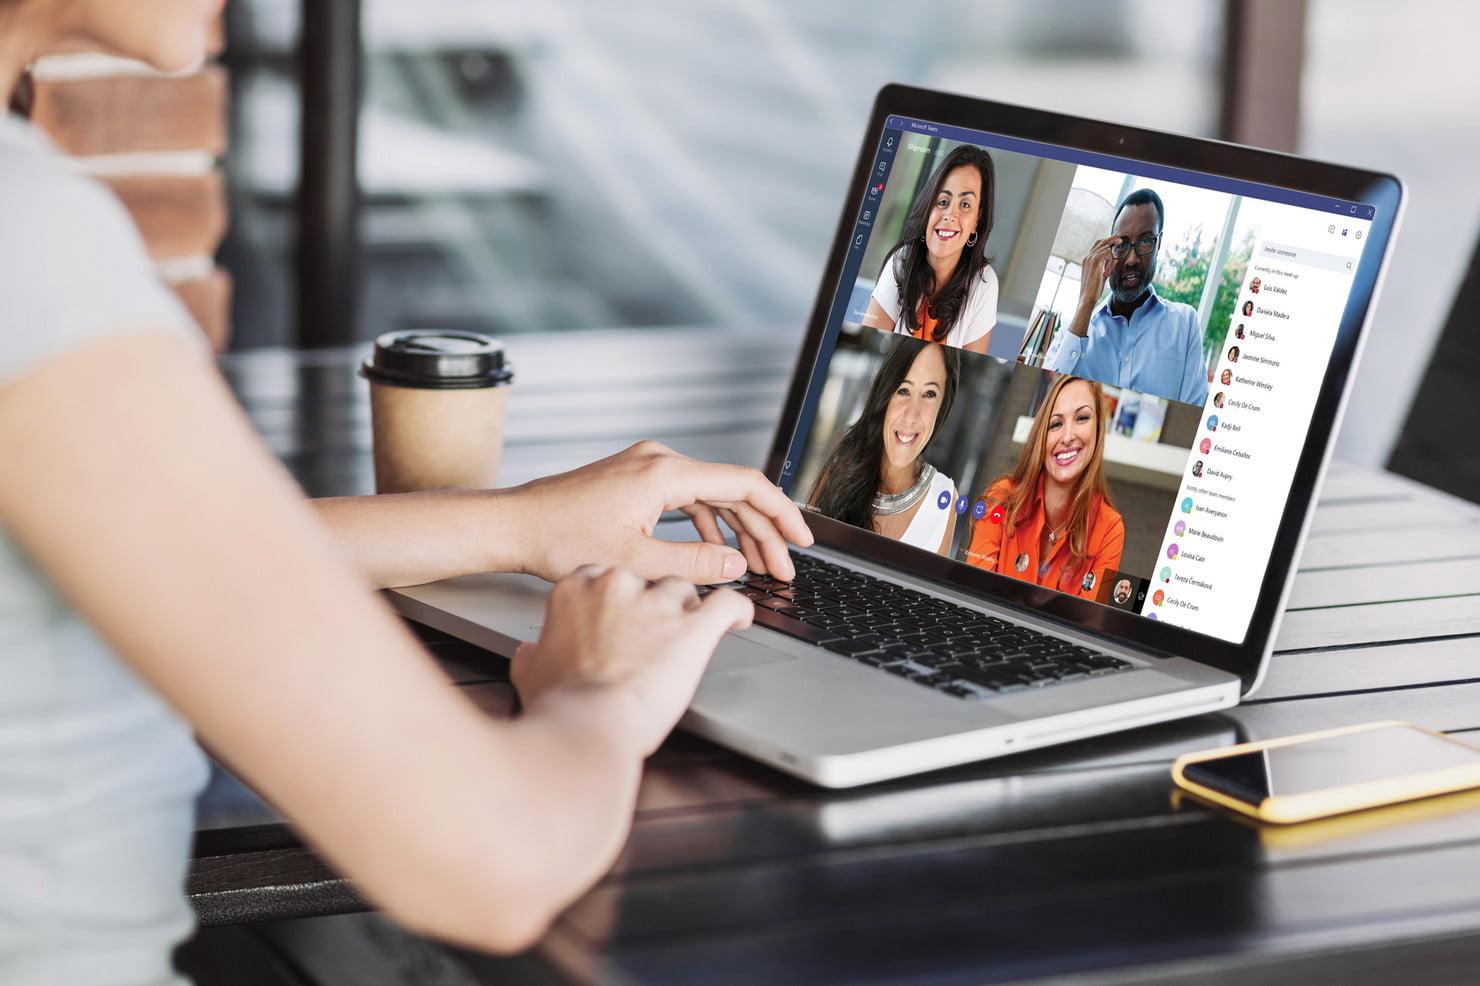 Videollamada en un portátil con Microsoft Teams